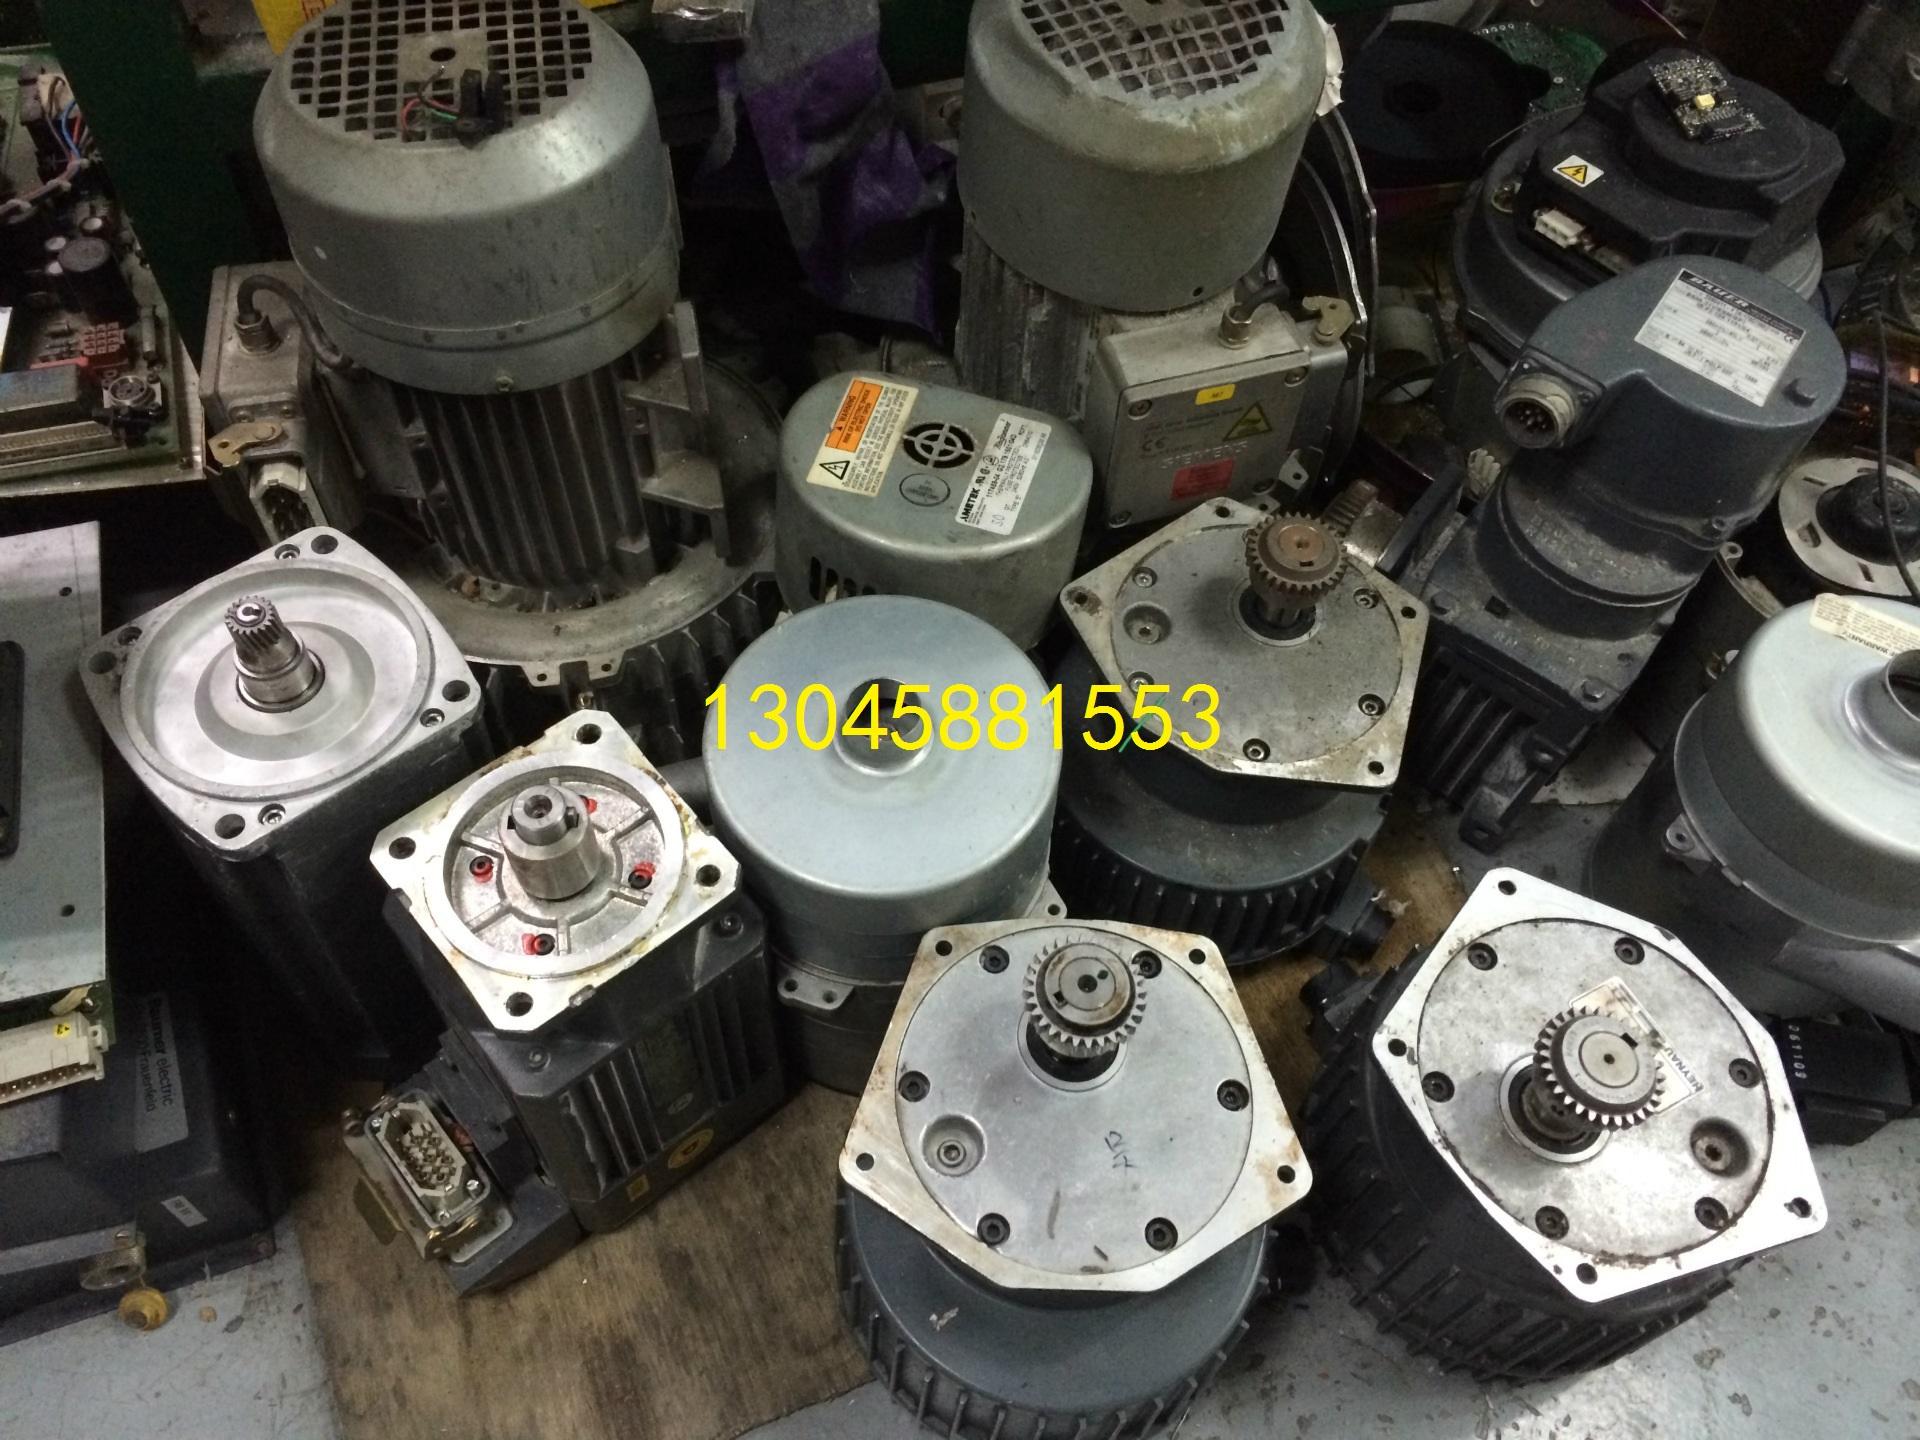 Гайд форт печать машинально господь двигатель вода брашпиль вентилятор подожди все виды двигатель специальность продажа служба